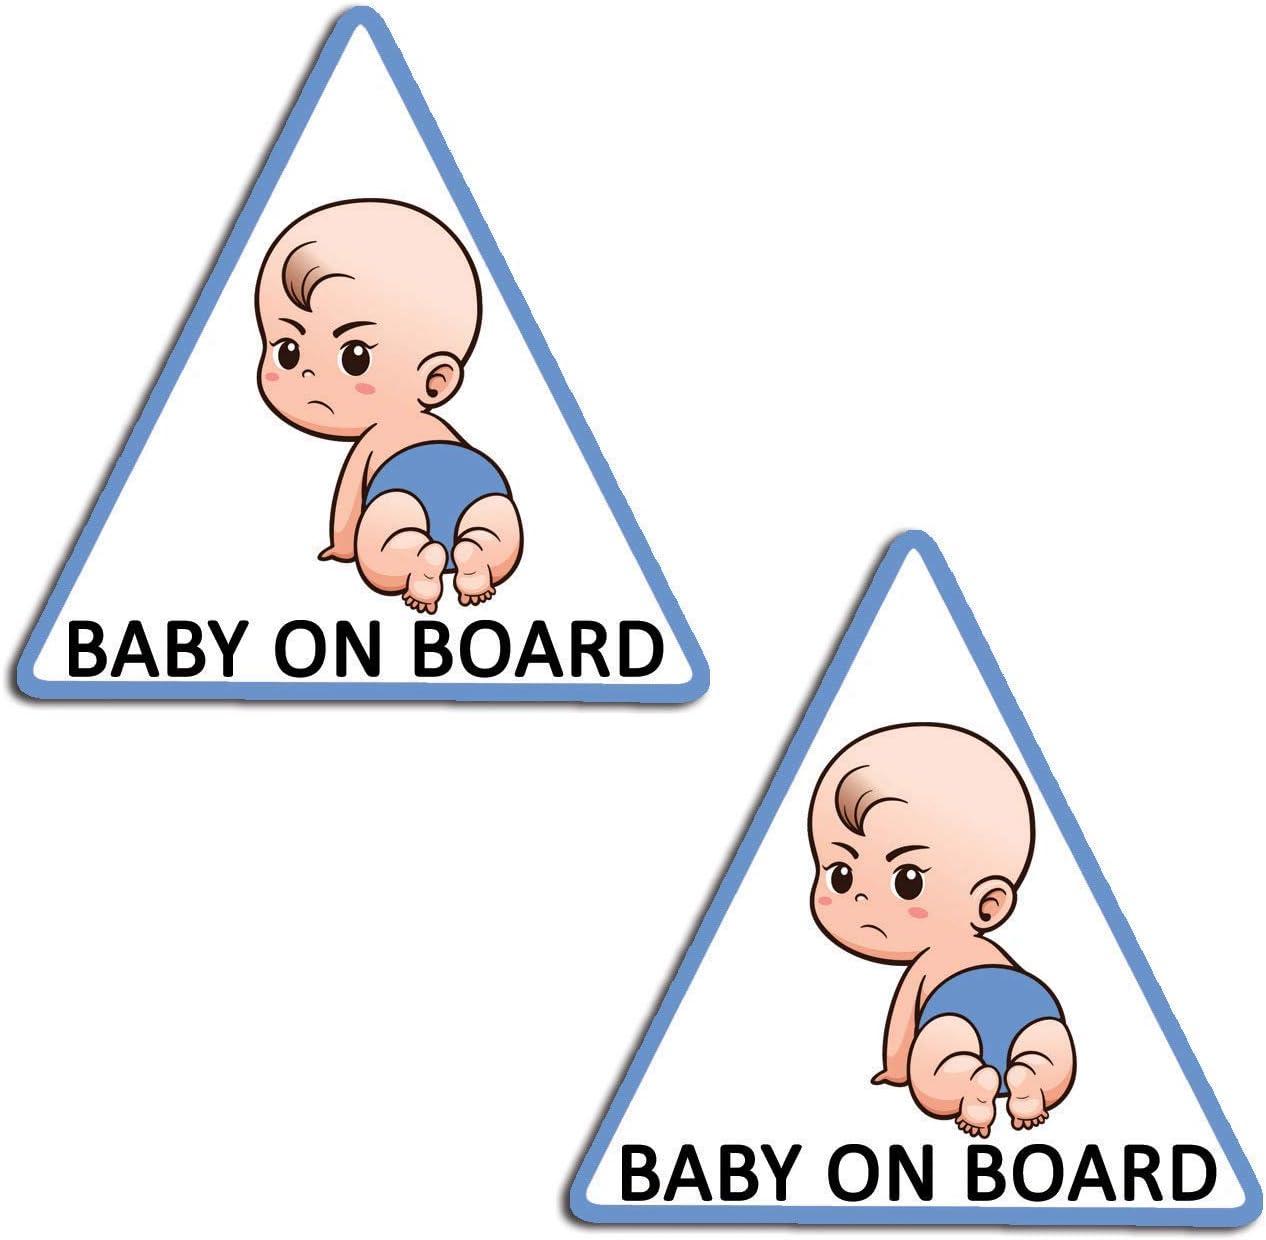 Adesivo Beb/è a bordo da bimba,/collezione Babyfun regalo sorpresa 9cm x 16,5 cm Artstickers/® 10/colori a scelta